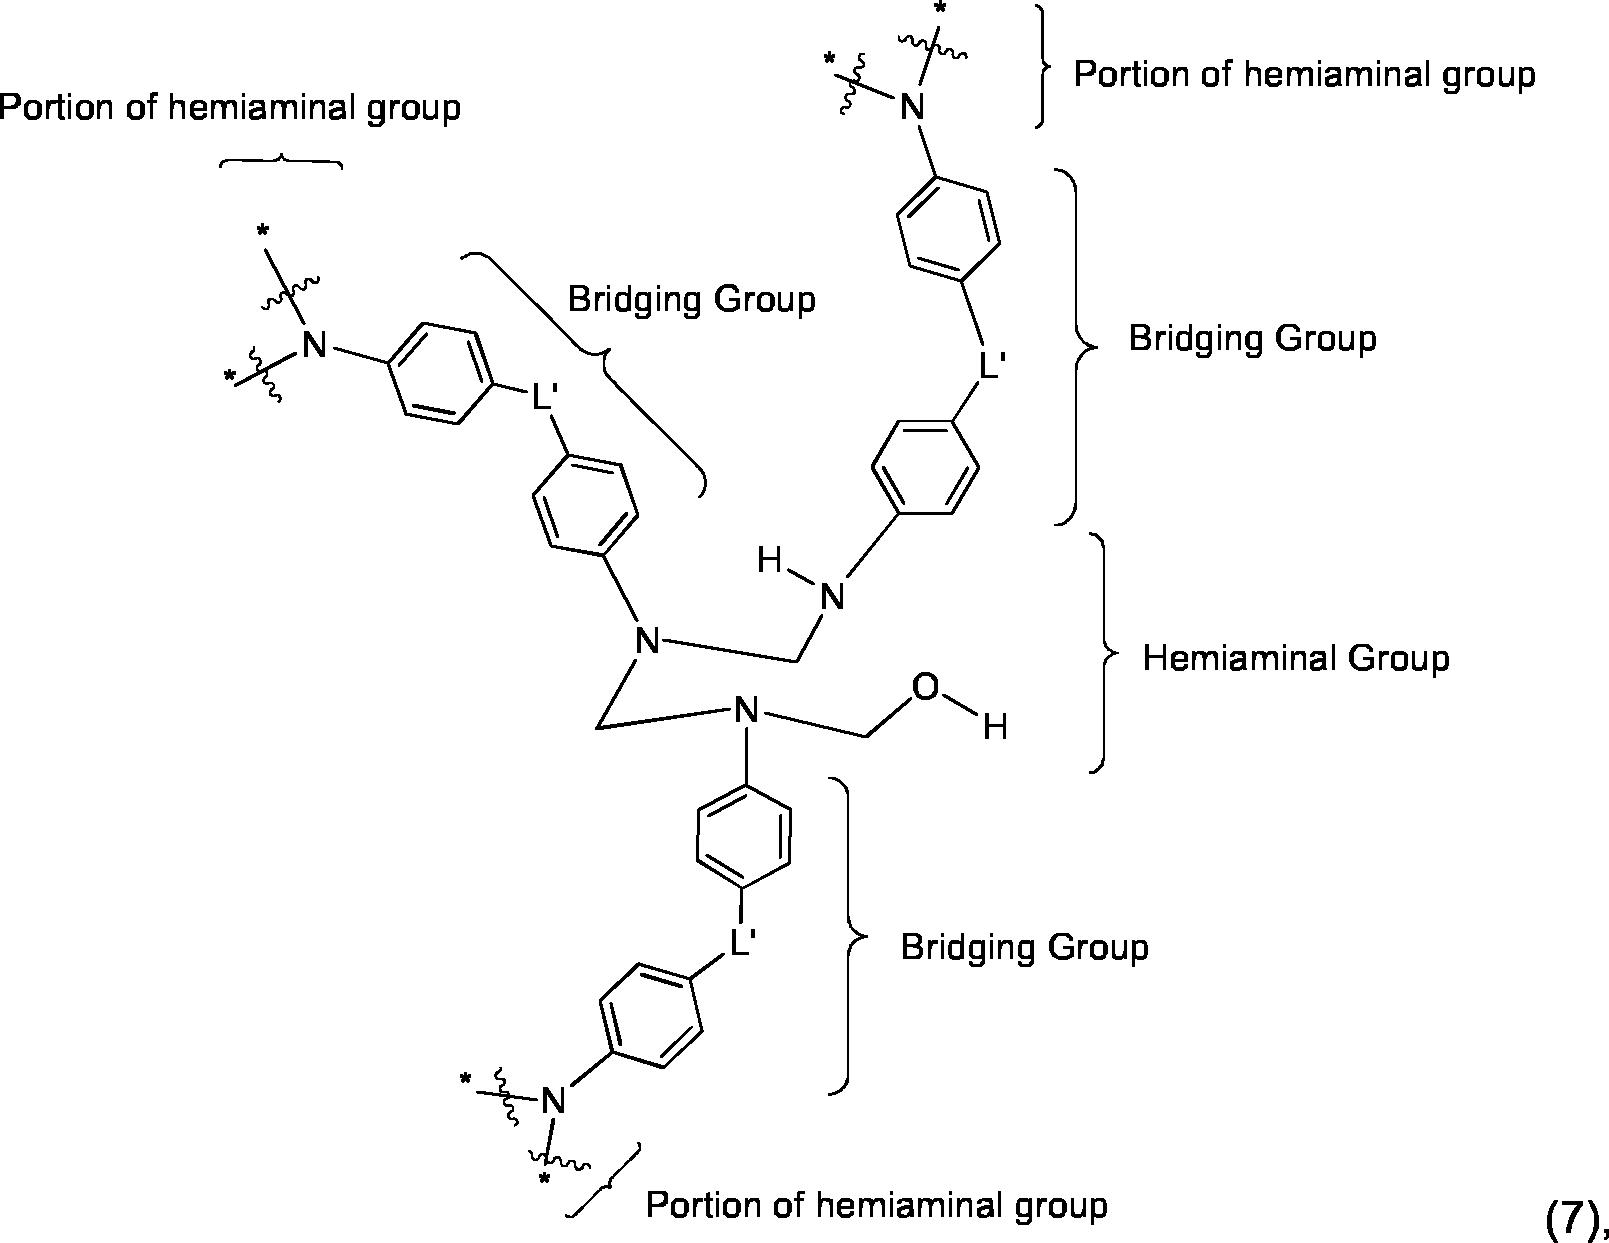 Figure DE112014004152T5_0014